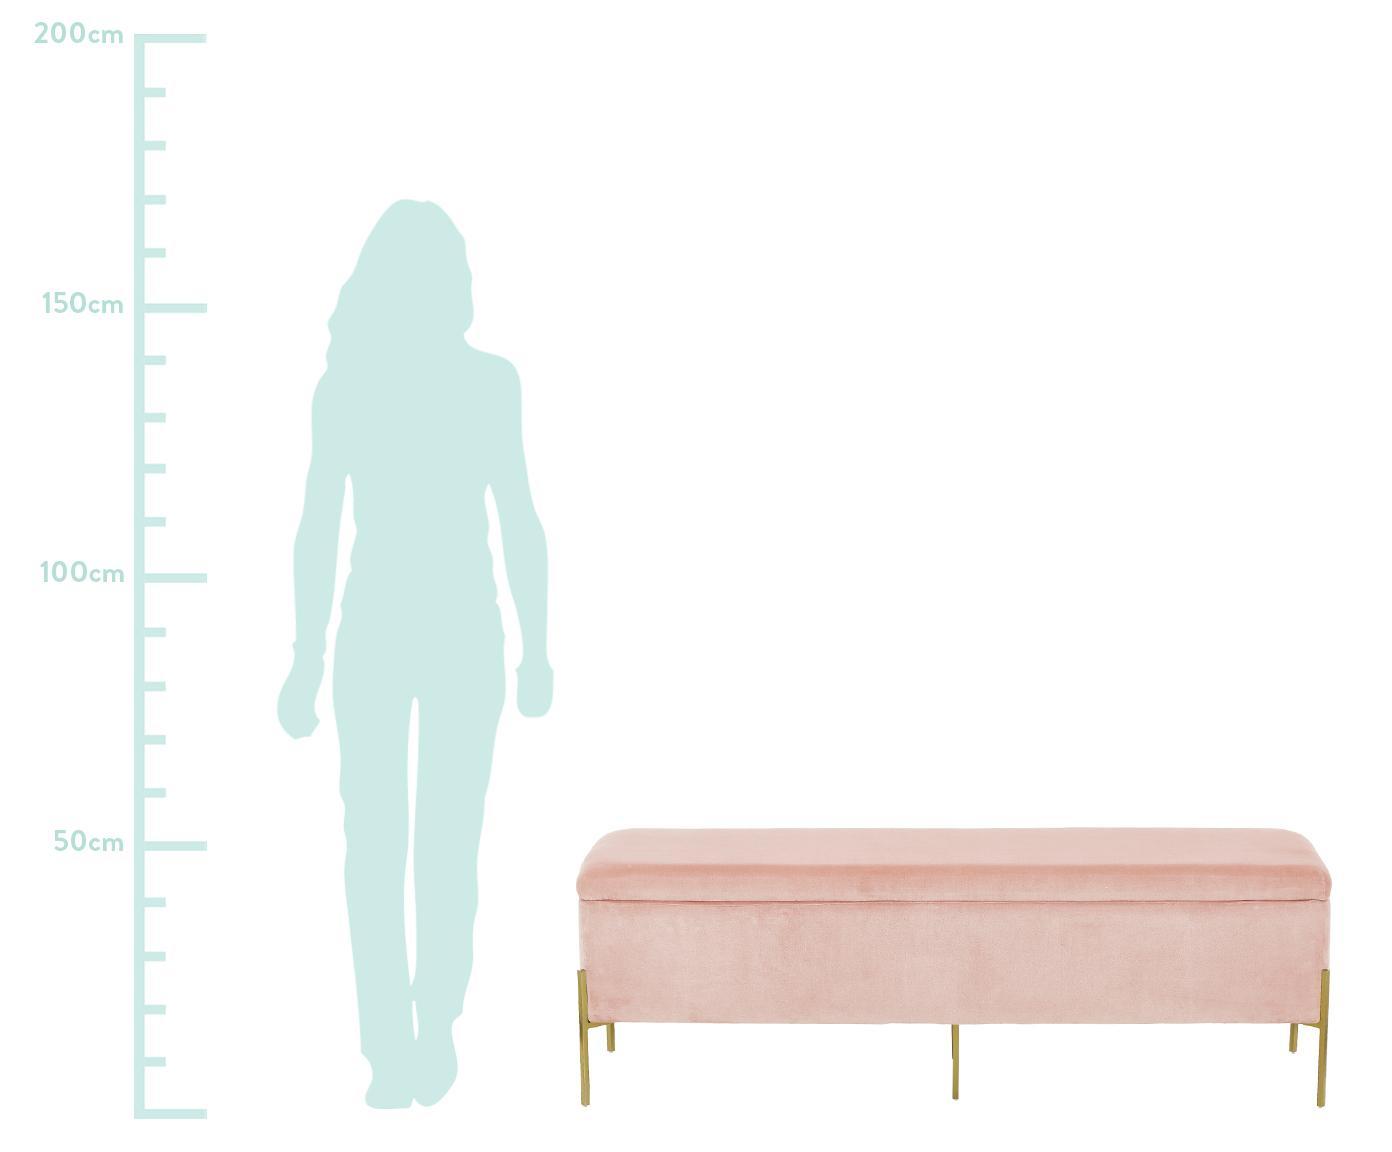 Samt-Polsterbank Harper mit Stauraum, Bezug: Baumwollsamt 20.000 Scheu, Fuß: Metall, pulverbeschichtet, Bezug: Altrosa Fuß: Goldfarben, matt, 140 x 45 cm